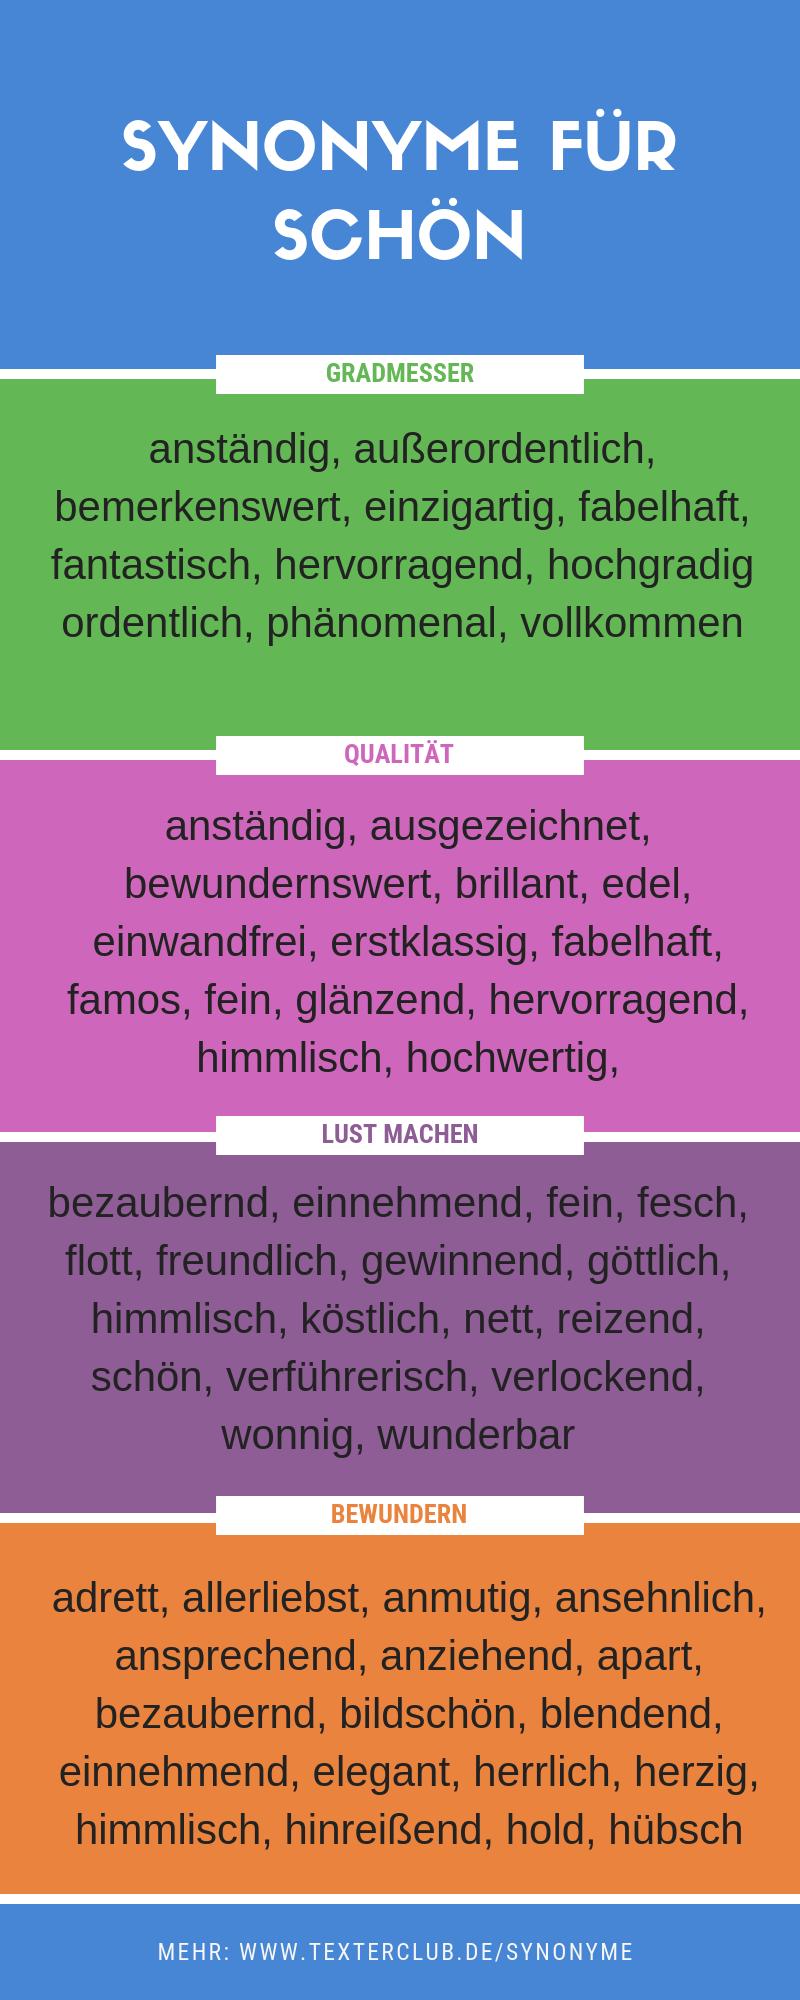 Mehr Zum Thema Synonyme Und Wie Man Sie Richtig Verwendet Gibts Im